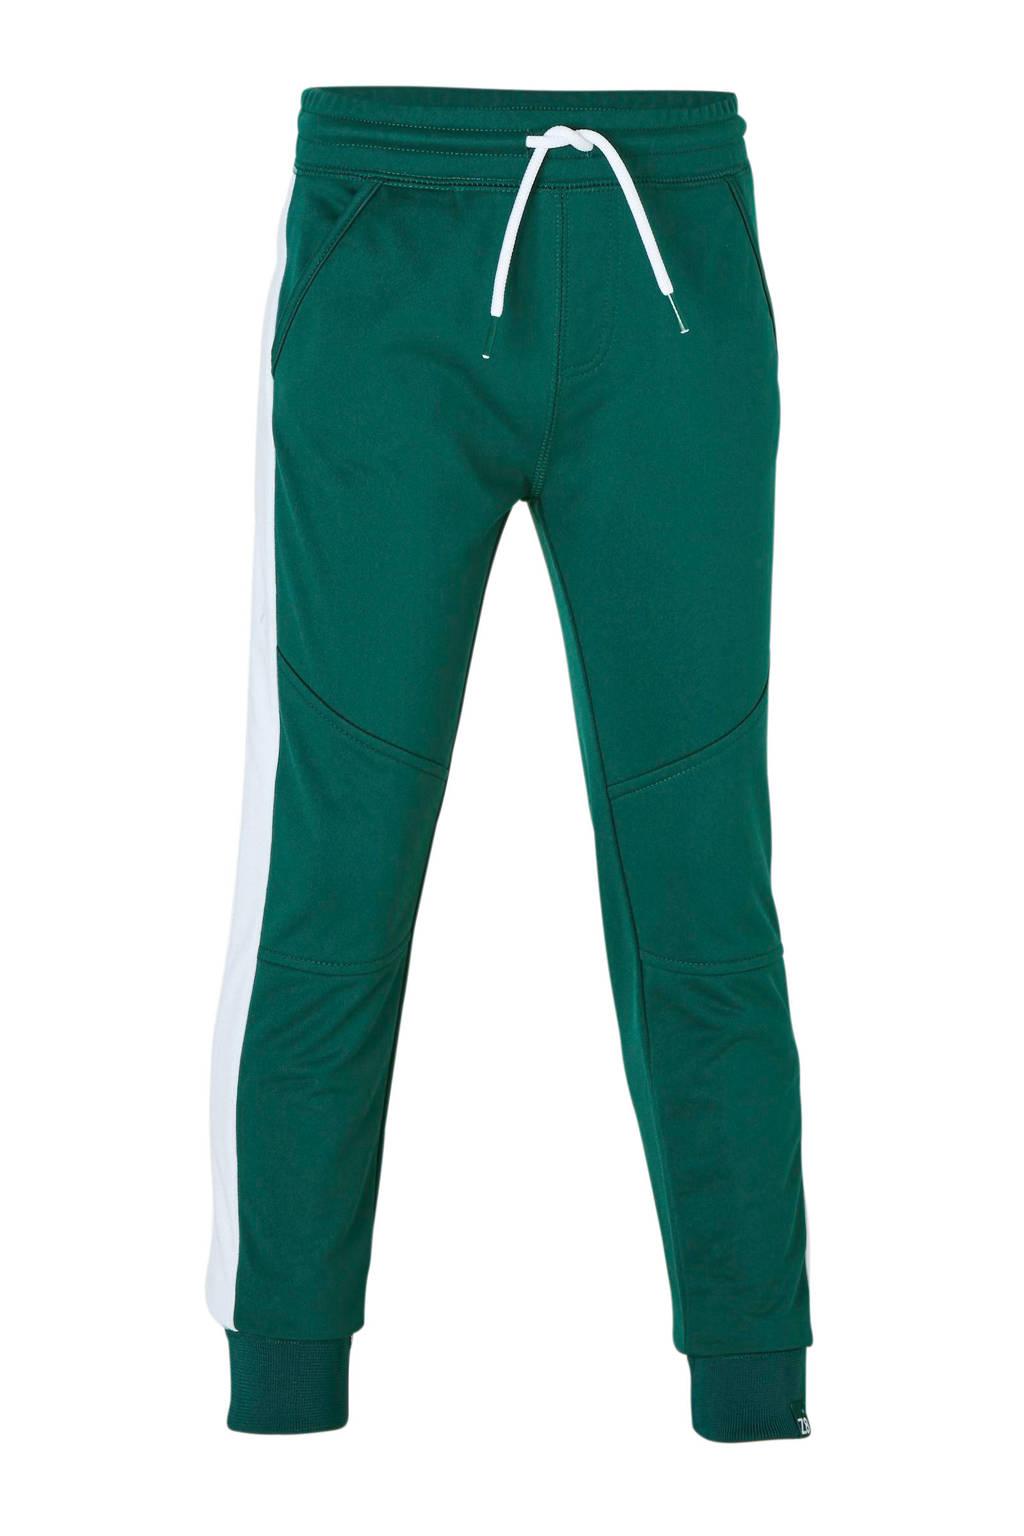 Z8   joggingbroek Martijn met zijstreep groen, Groen/wit